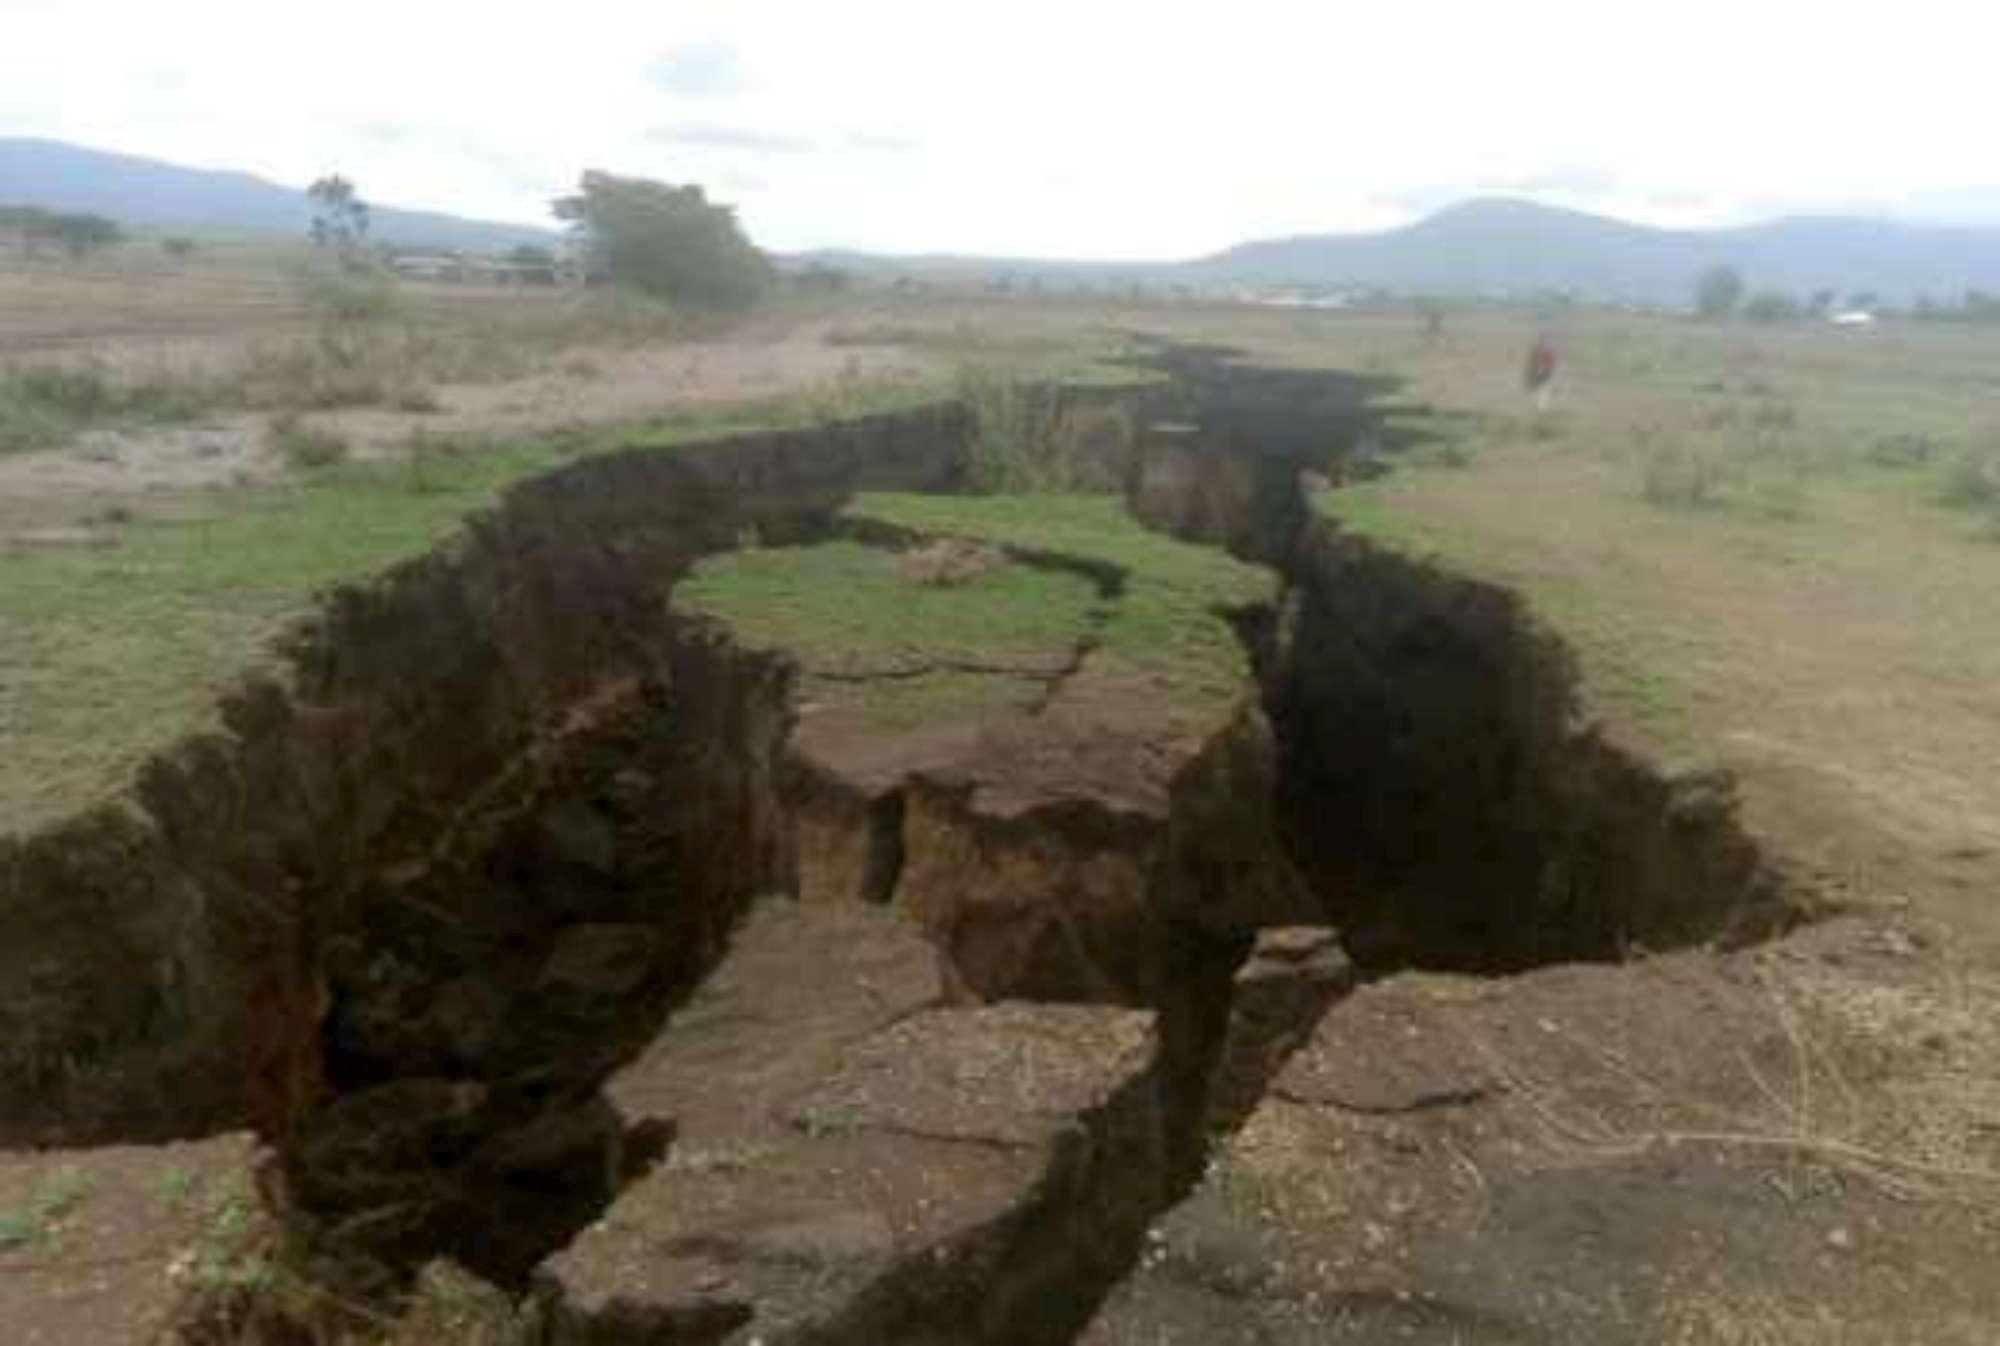 Aeroporto Kenya : Kenya la terra si apre: per i geologi la spaccatura dividerà